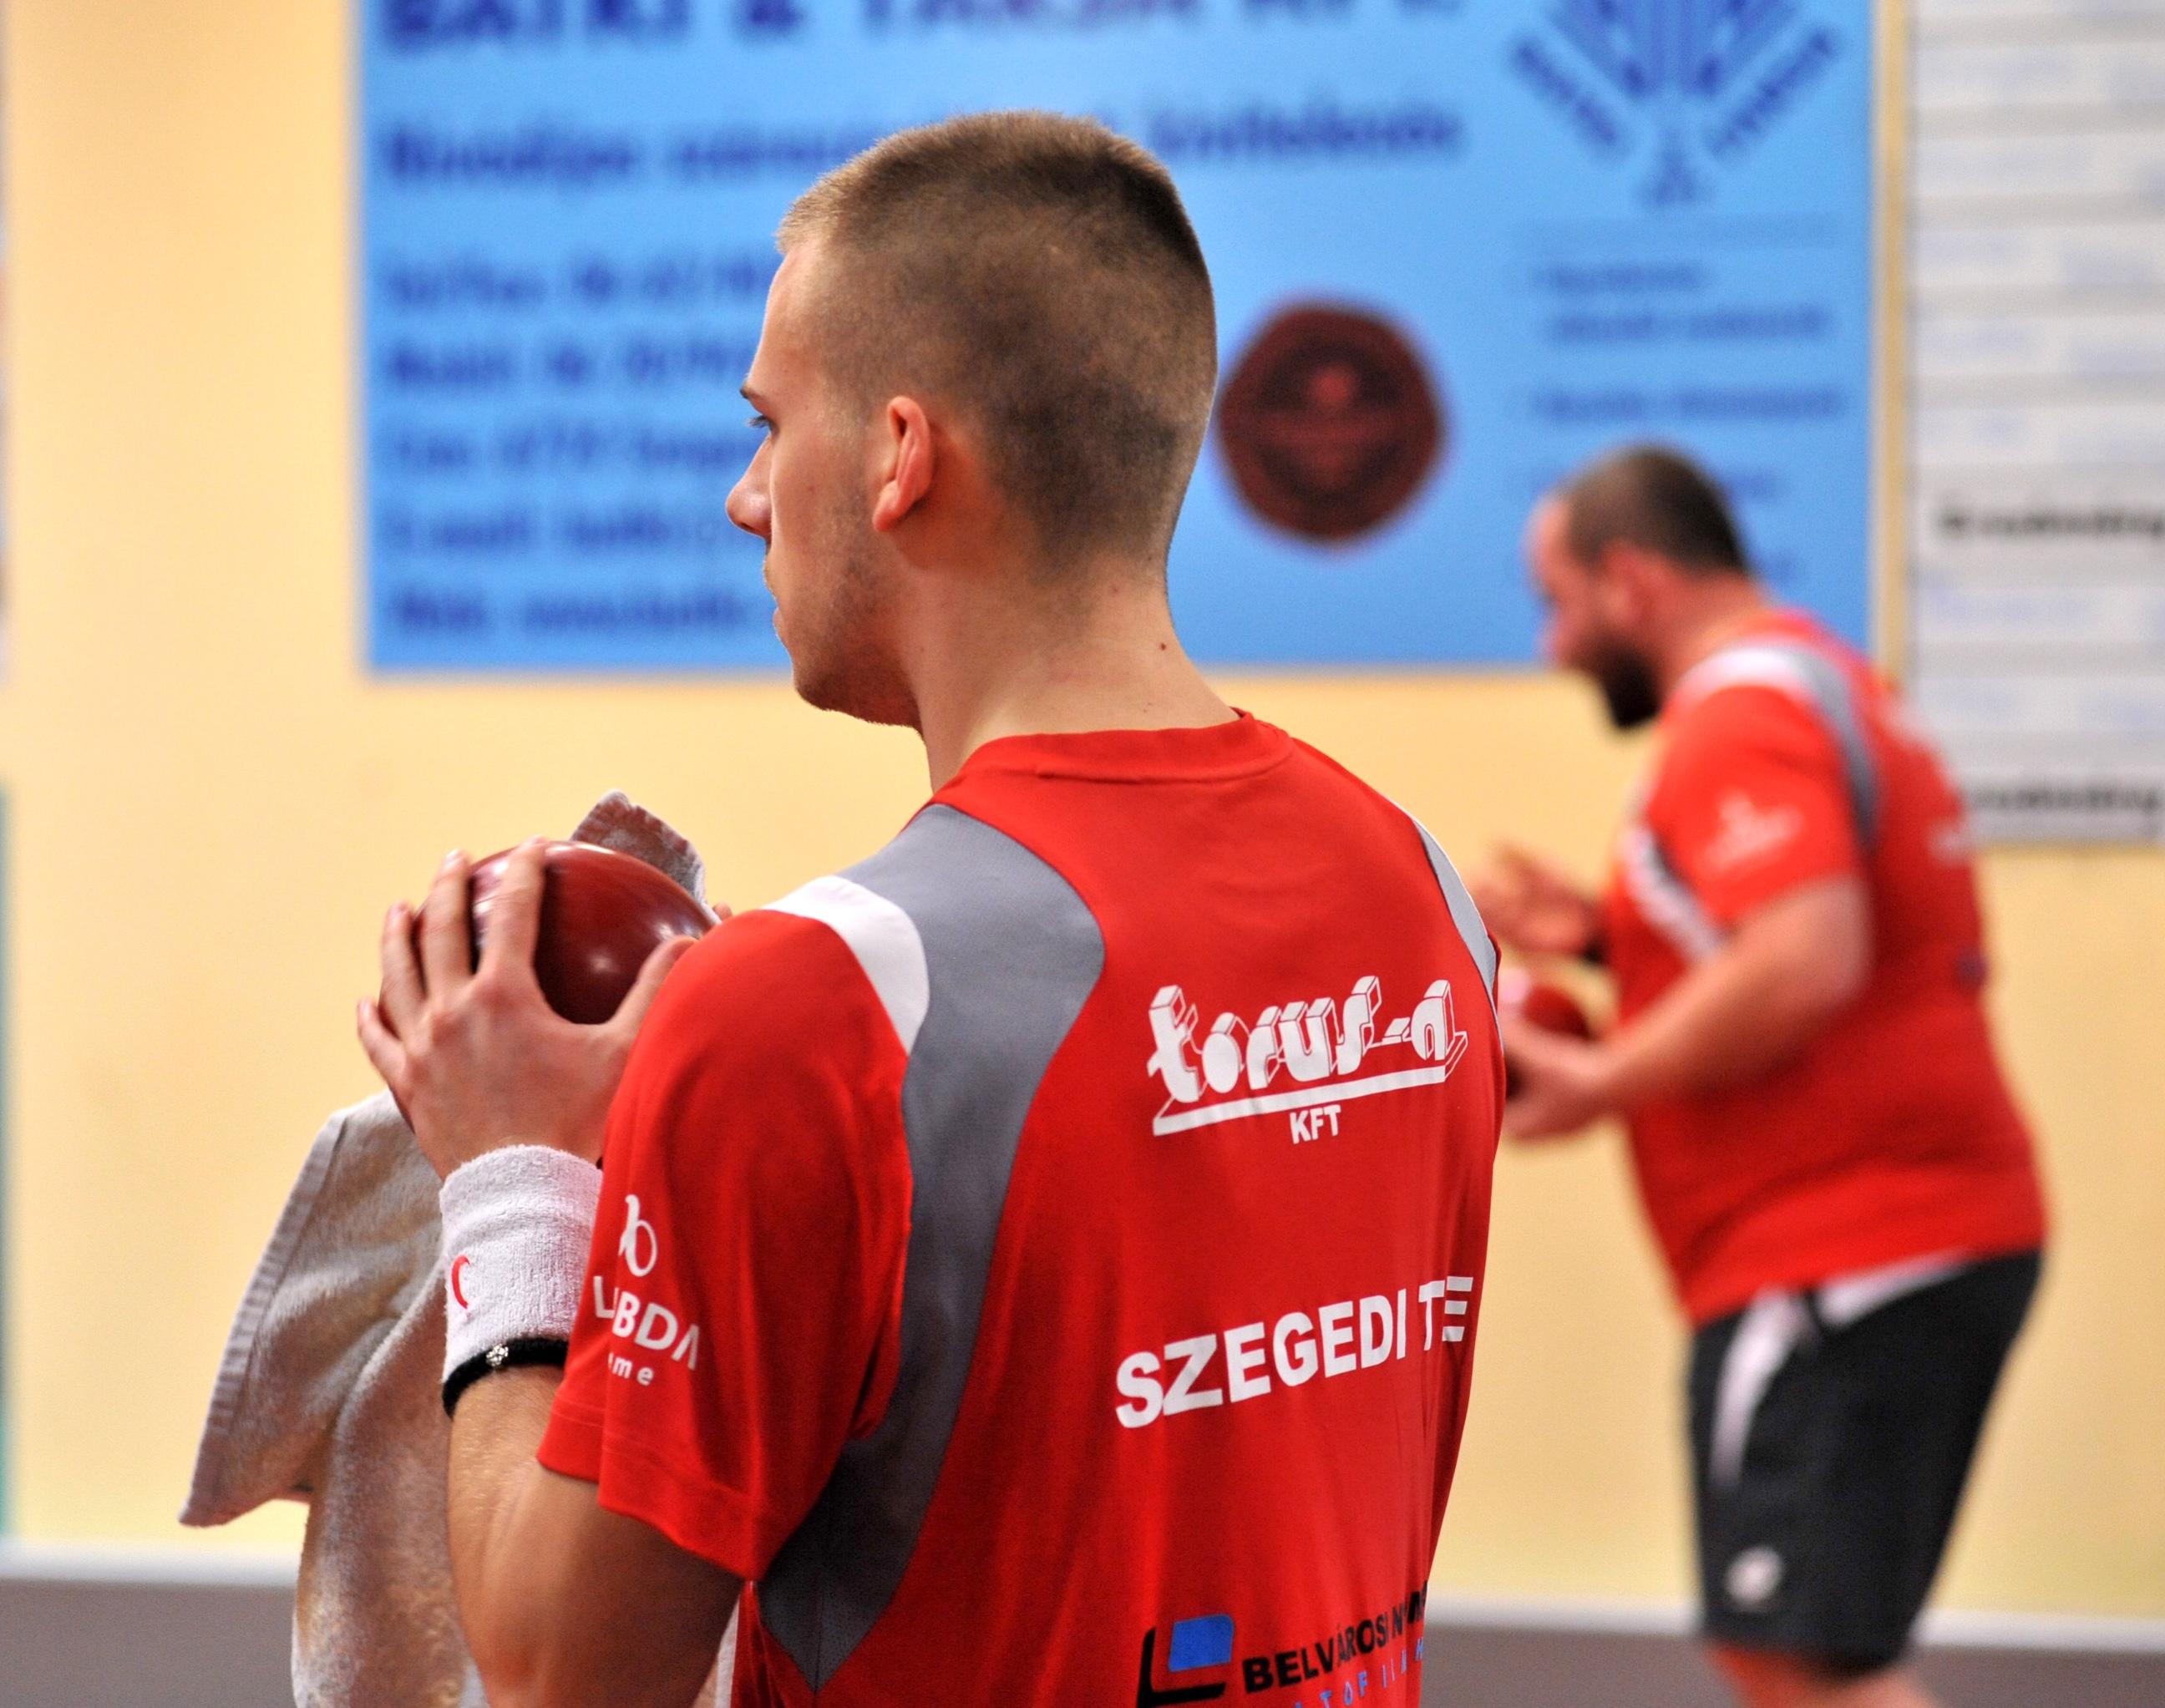 Szeged – szuperliga Szegedi TE- Pét teke mérkőzés.Fotó: Karnok Csaba